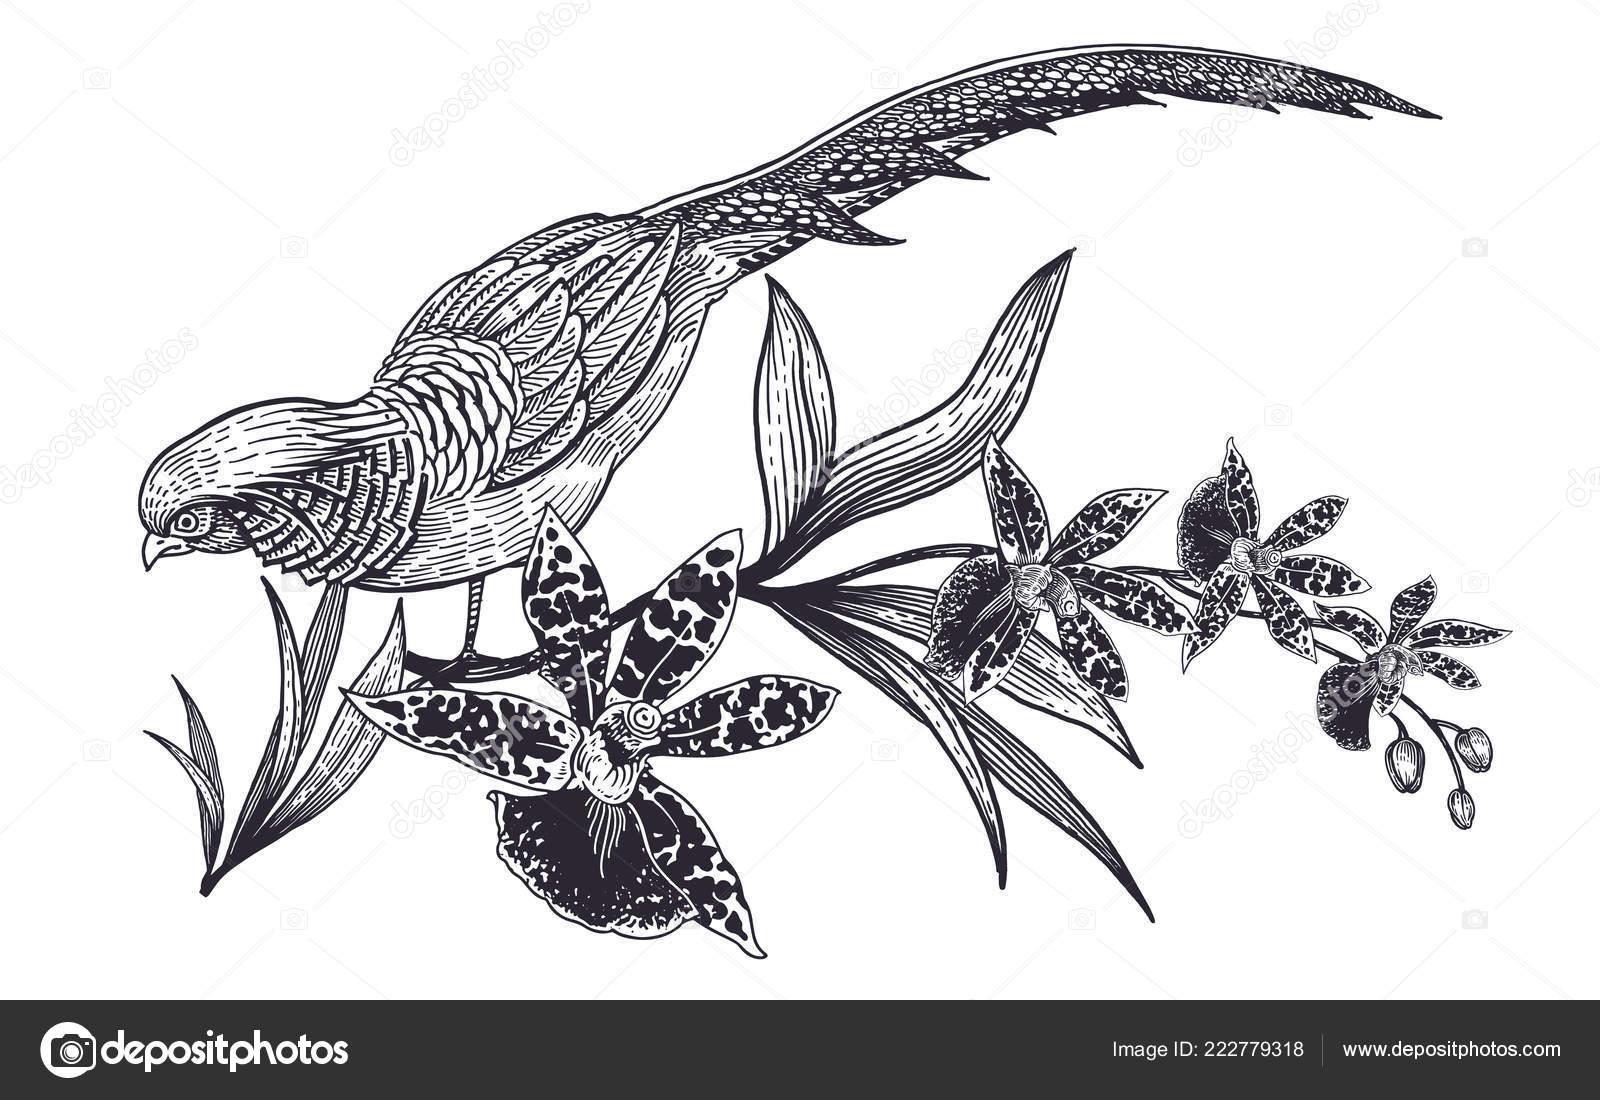 Décoration Avec Des Fleurs Des Oiseaux Réaliste Main Dessin